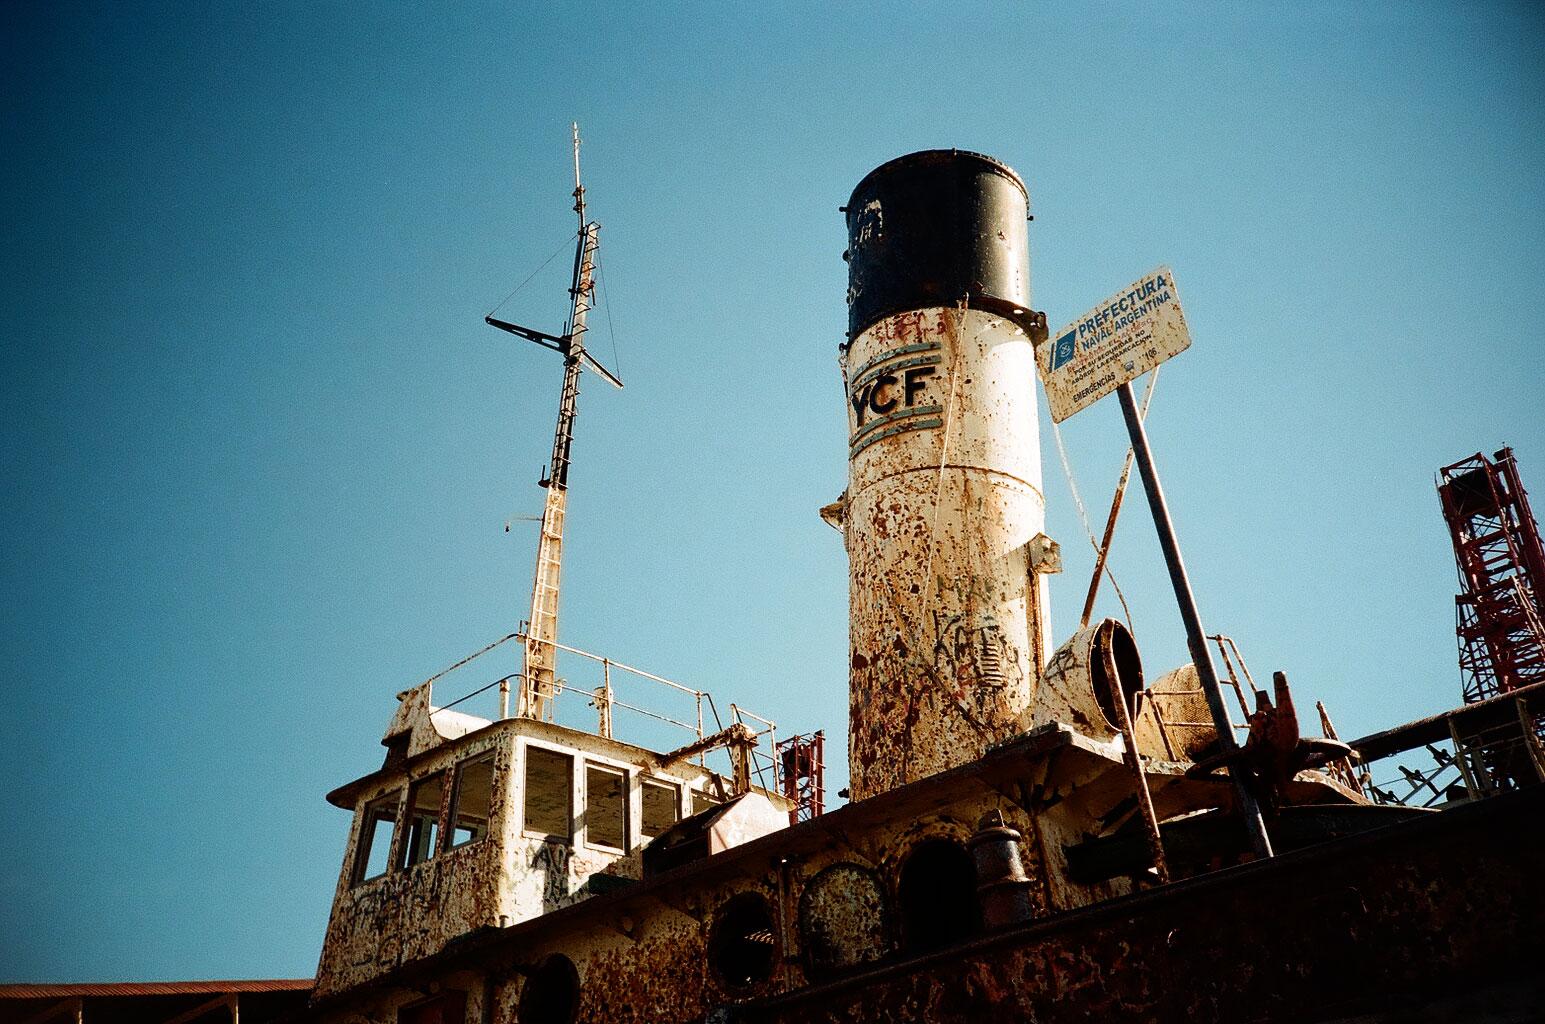 Mit Sehenswürdigkeiten ist die Stadt nicht gesegnet, dafür mit der Ästhetik des Verfalls: ein Schiffswrack am Hafen von Río Gallegos. Foto: Lothar Ruttner